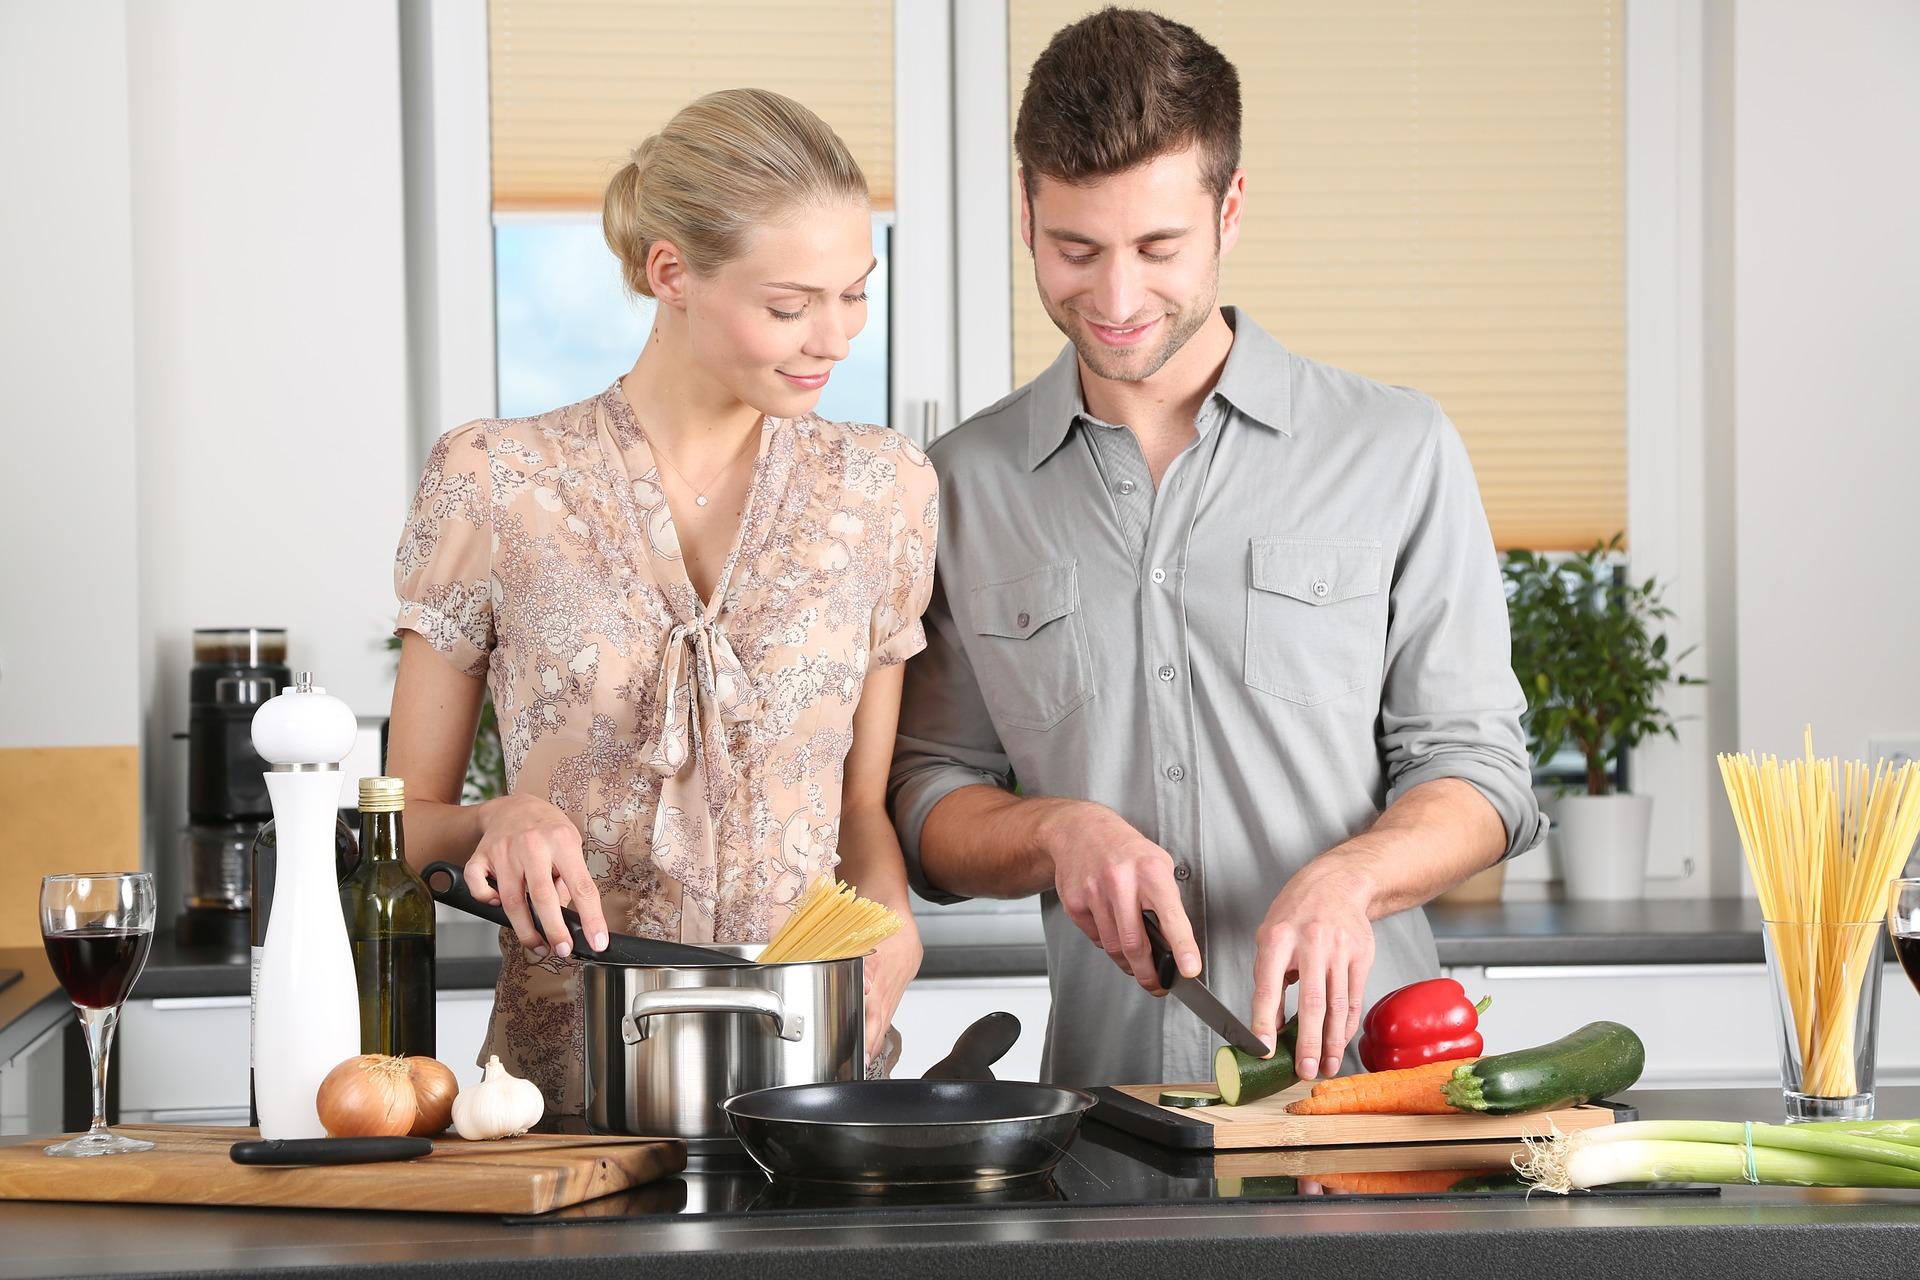 Das erste Date gemeinsam kochen